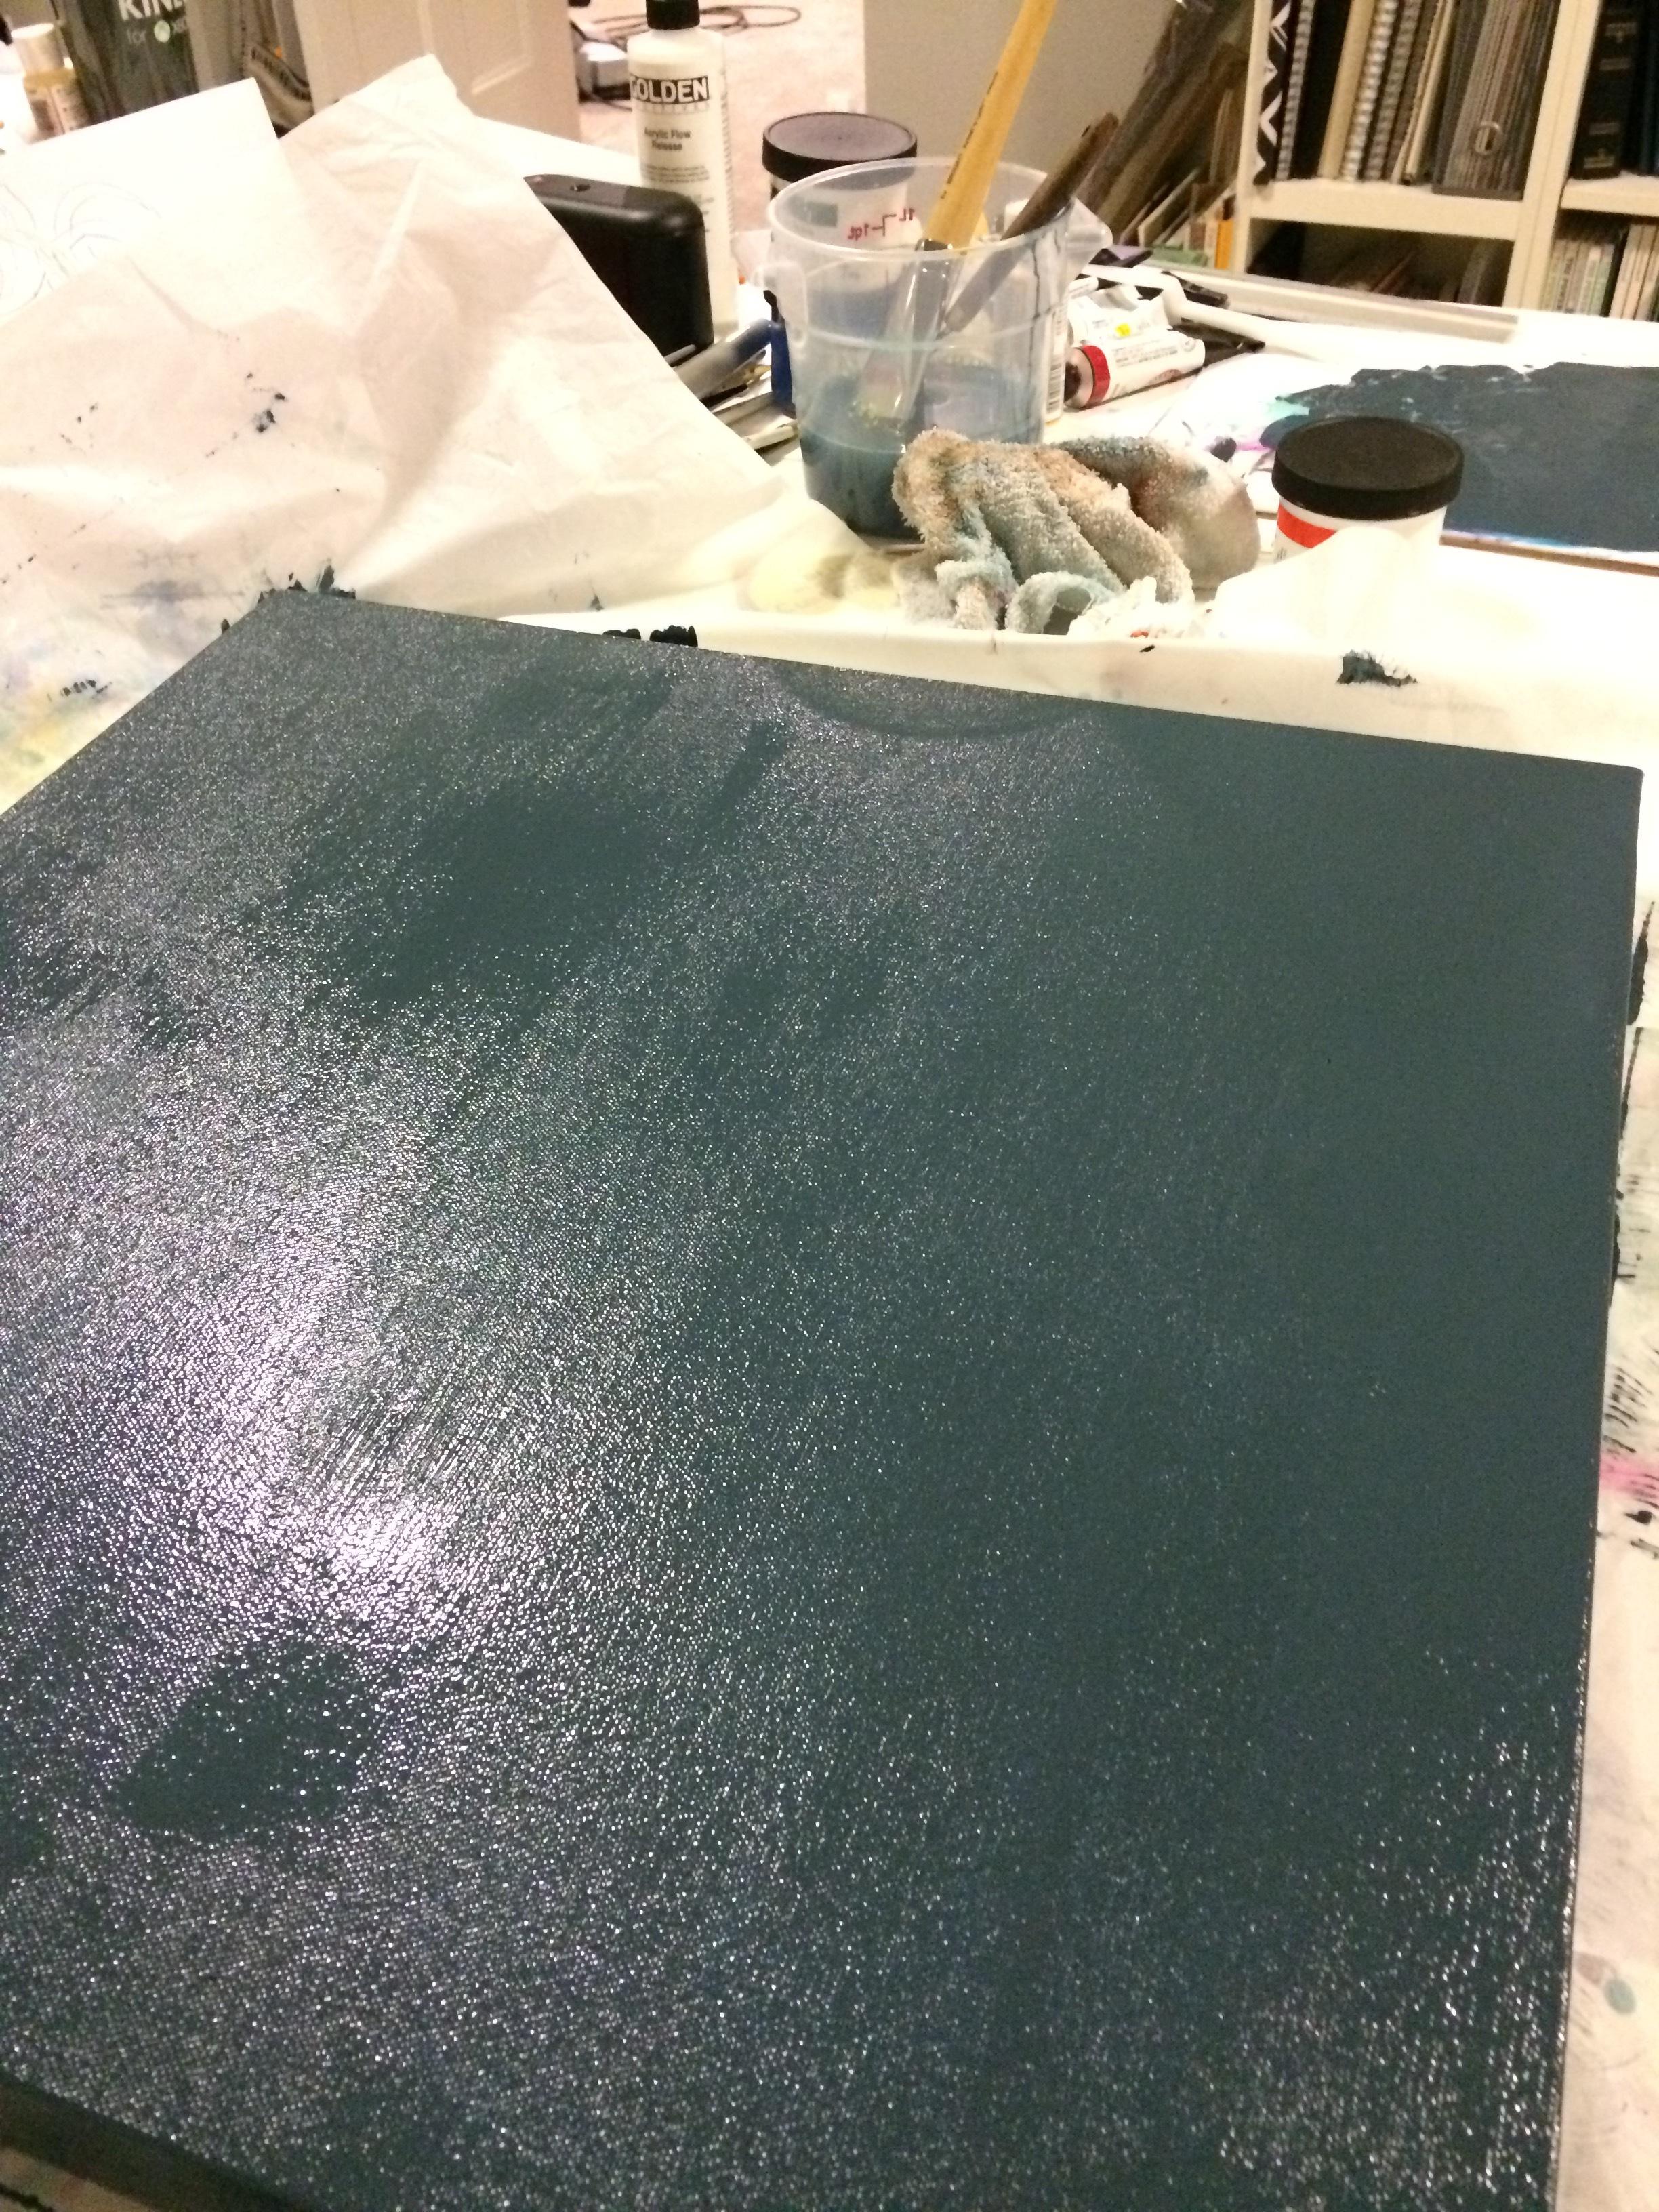 caution! fresh paint